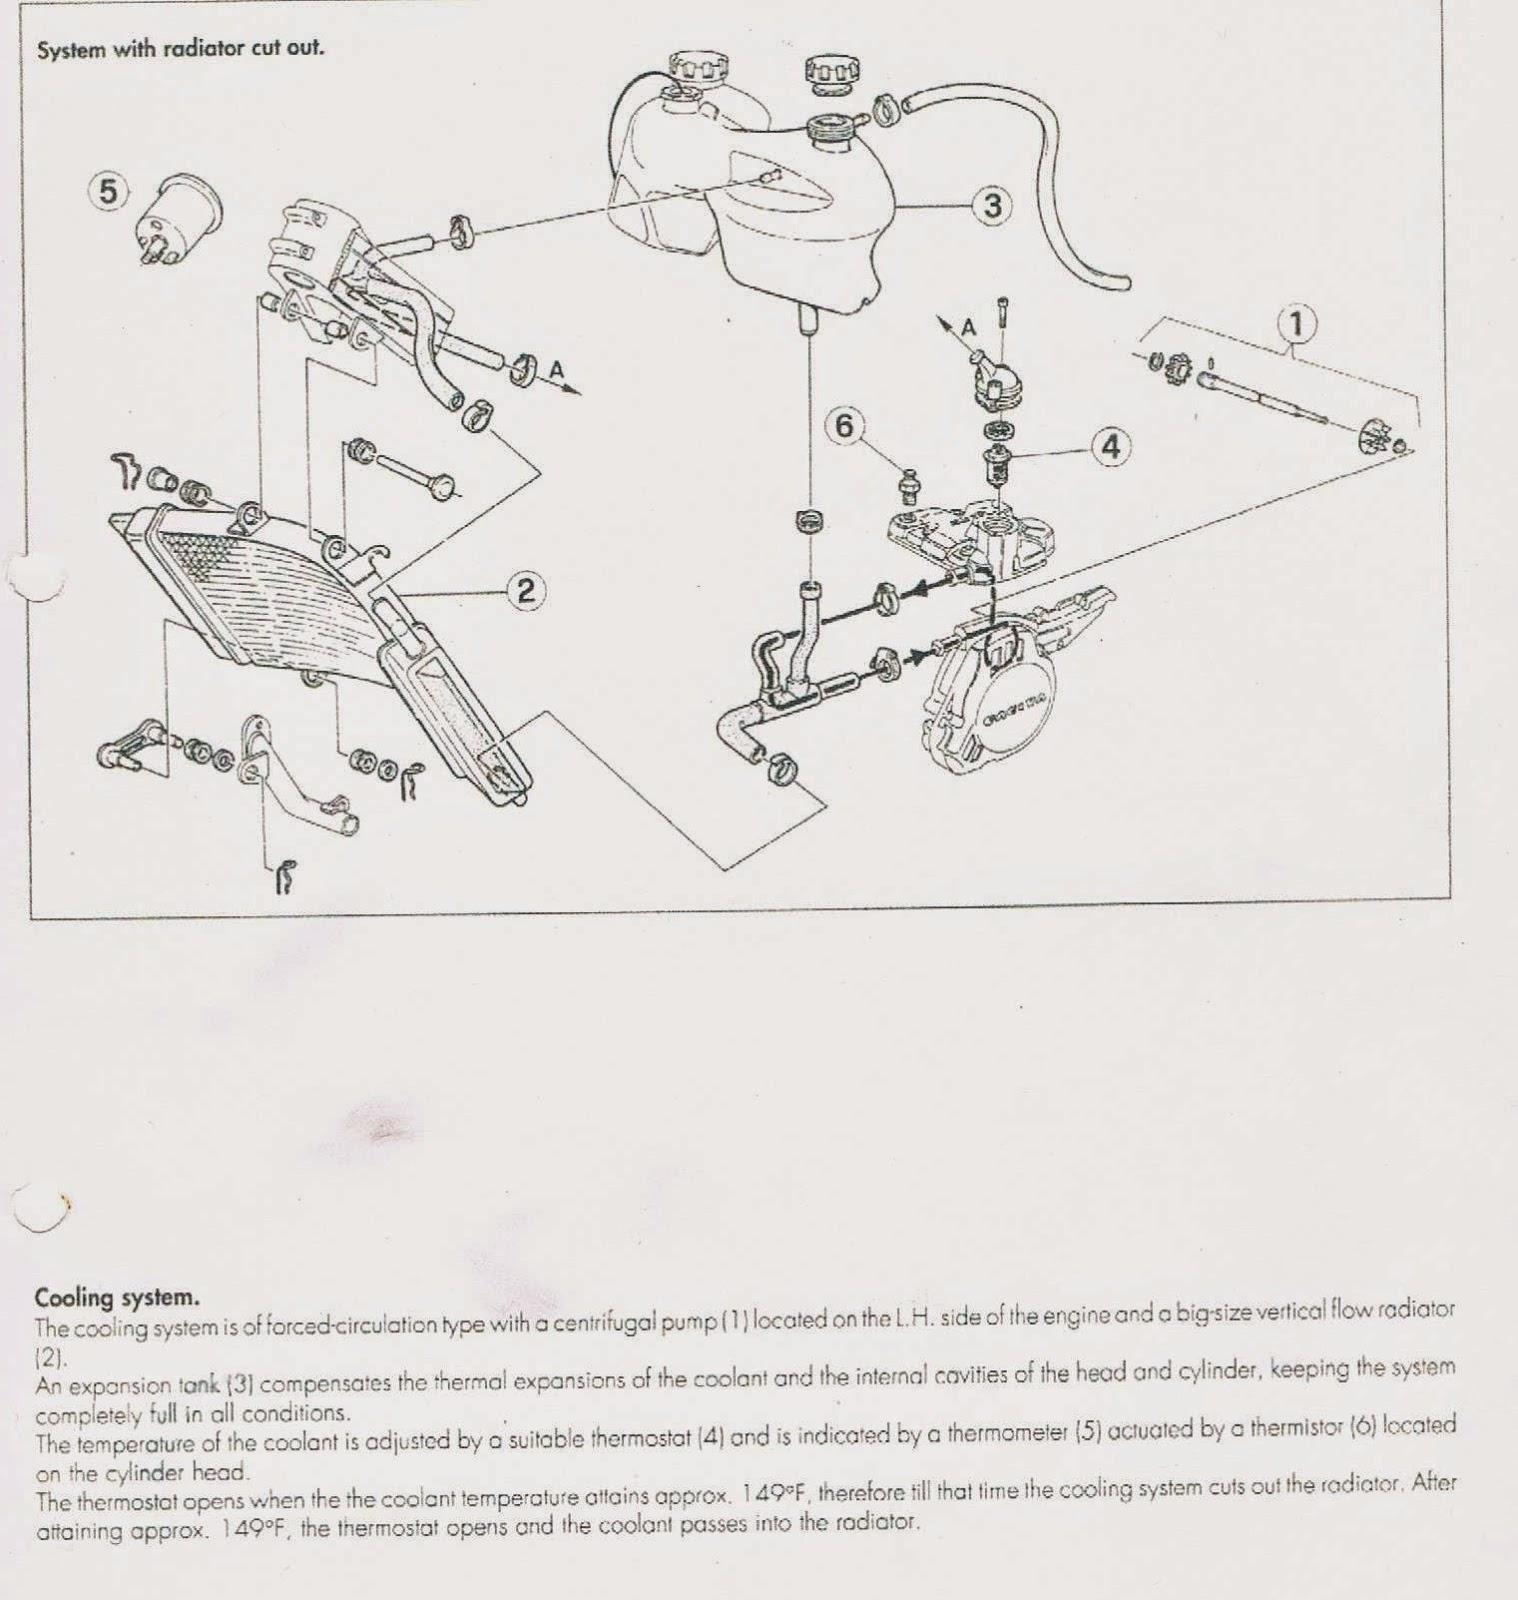 cagiva mito 125 cagiva mito 125 cooling system rh cagivamitoevo125 blogspot com Cagiva Mito Lucky Strike Cagiva 250